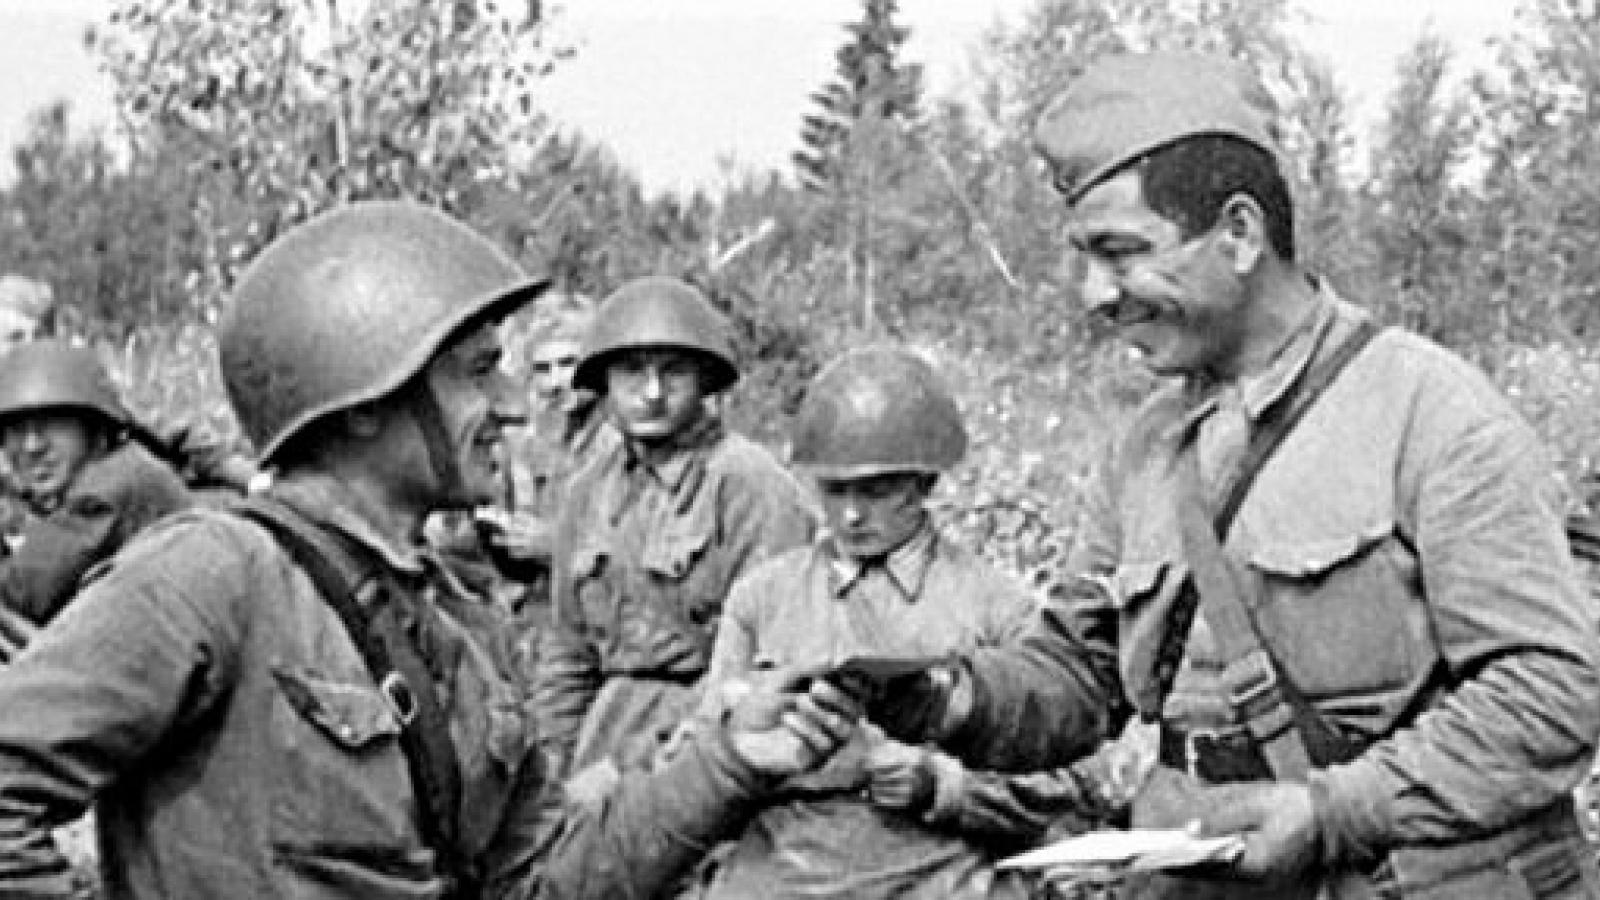 Những chiến công đáng kinh ngạc nhất của chiến sĩ Hồng quân trong chiến tranh